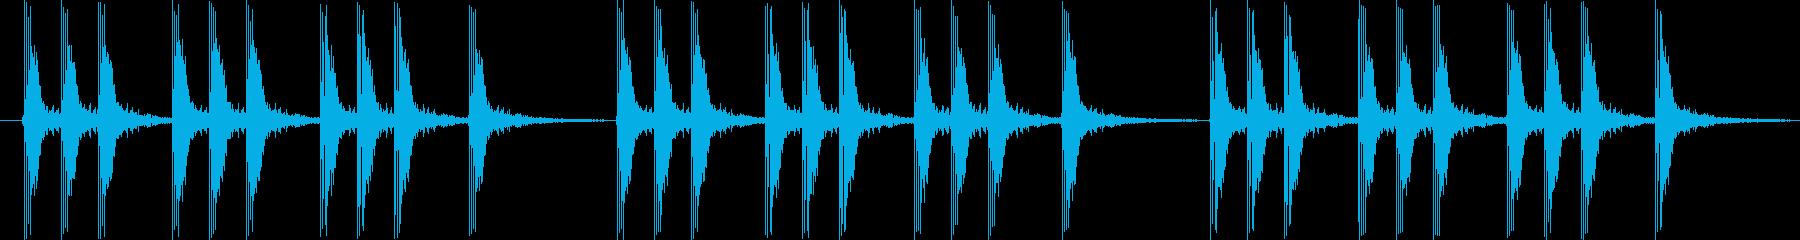 パパパン 三本締めの再生済みの波形